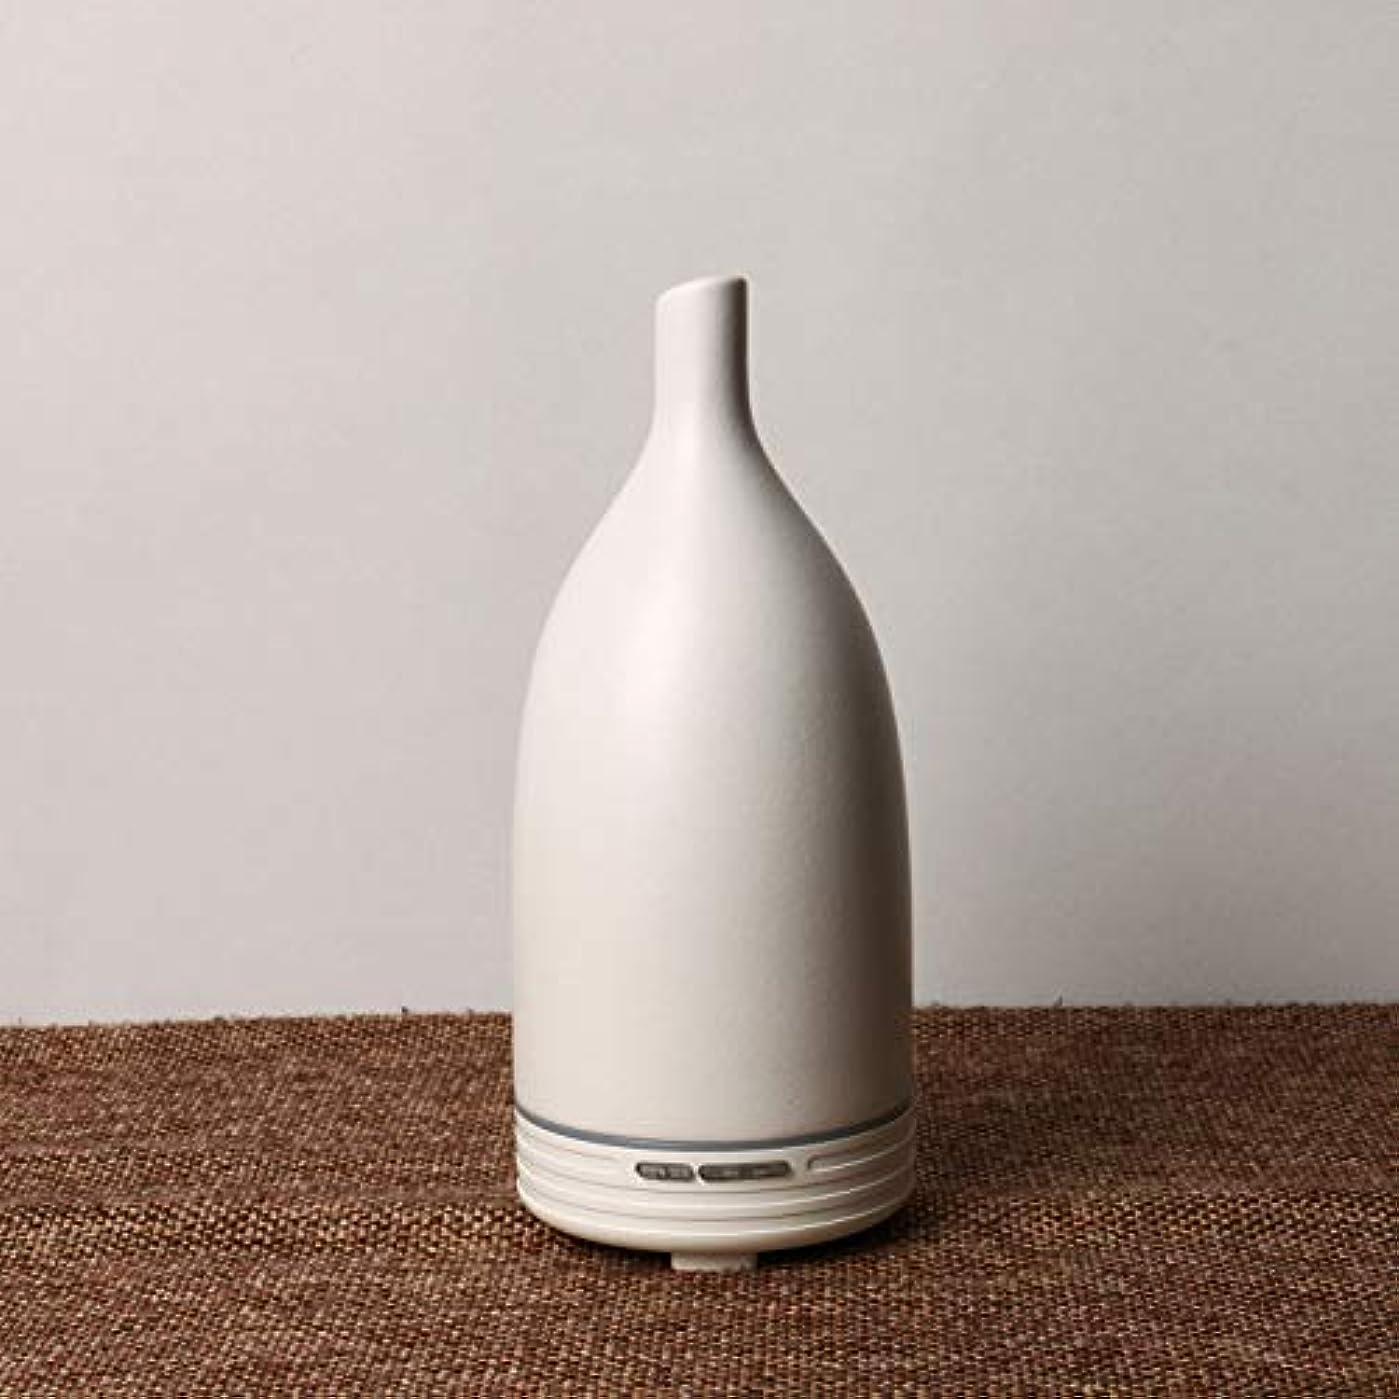 海外。重荷アロマディスペンサー精油加湿器陶磁器の材質は家庭の事務用に適しています。 (ホワイト)